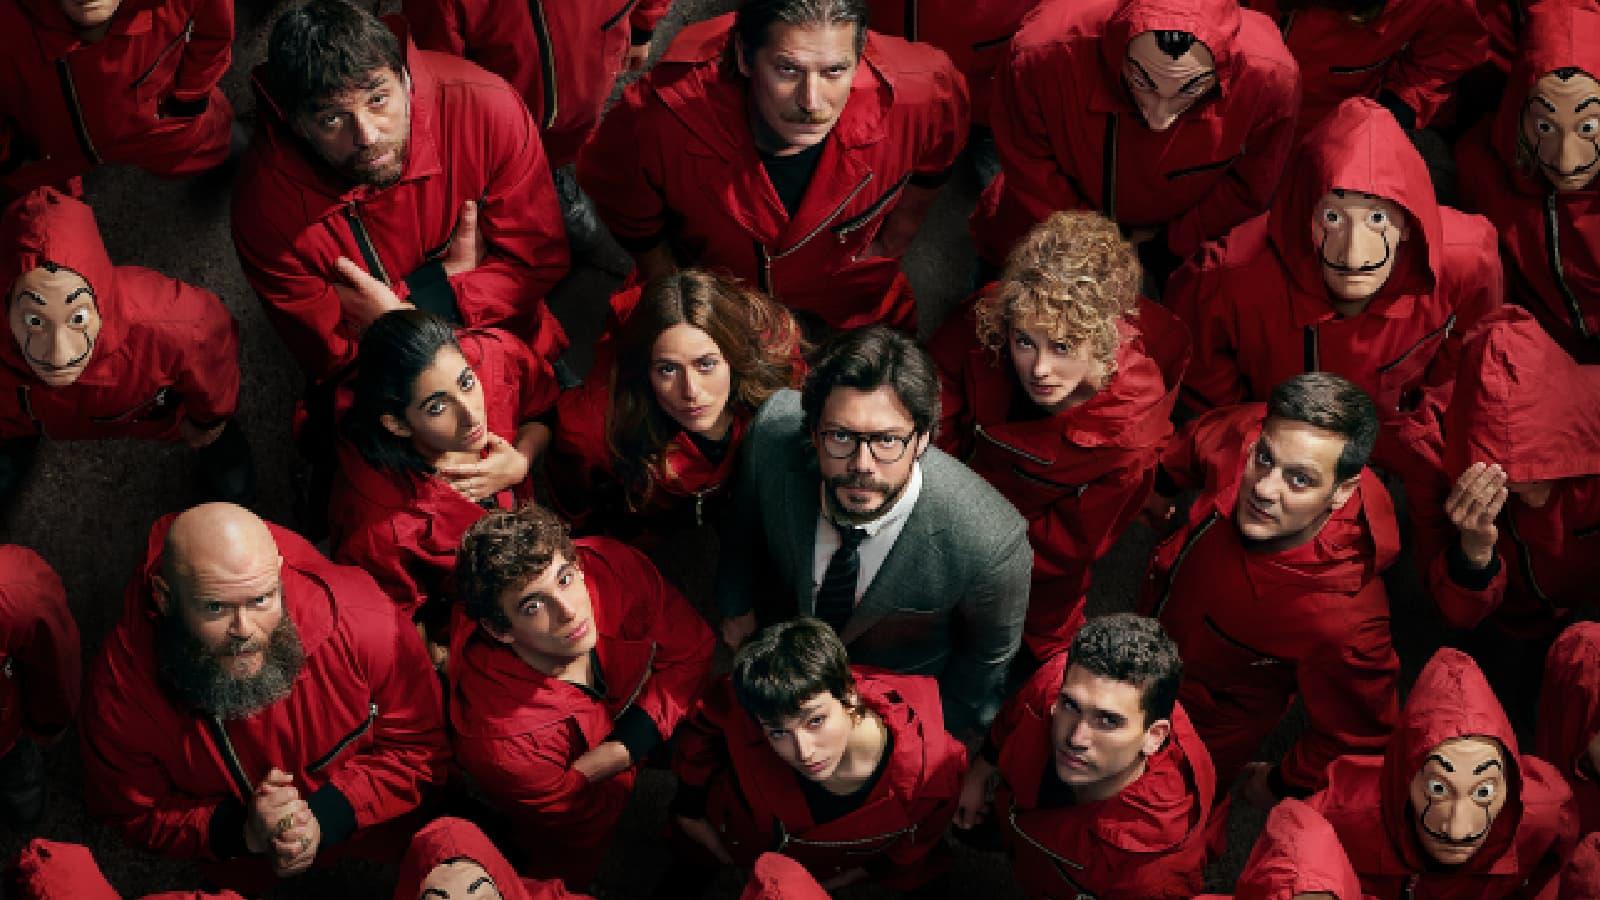 La temporada 5 de La Casa de Papel, próximamente en Netflix